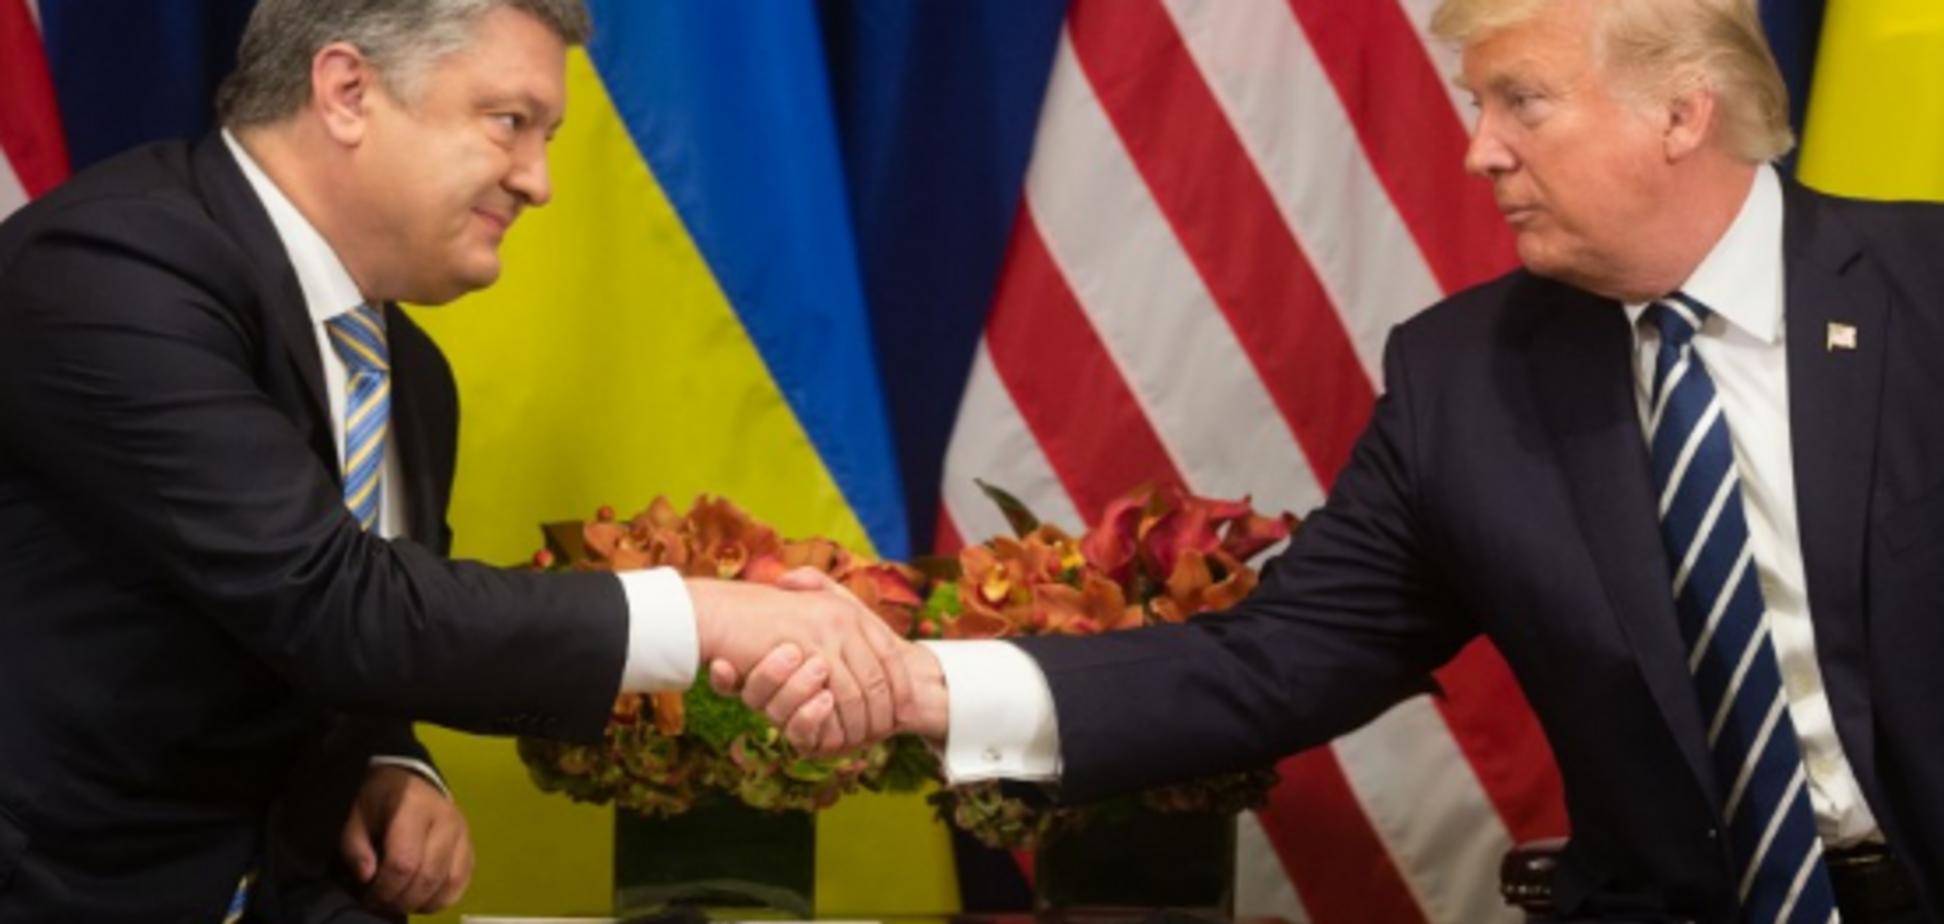 ''Тебе скоро повісять'': журналіста Путіна рознесли за нахабний випад на адресу України